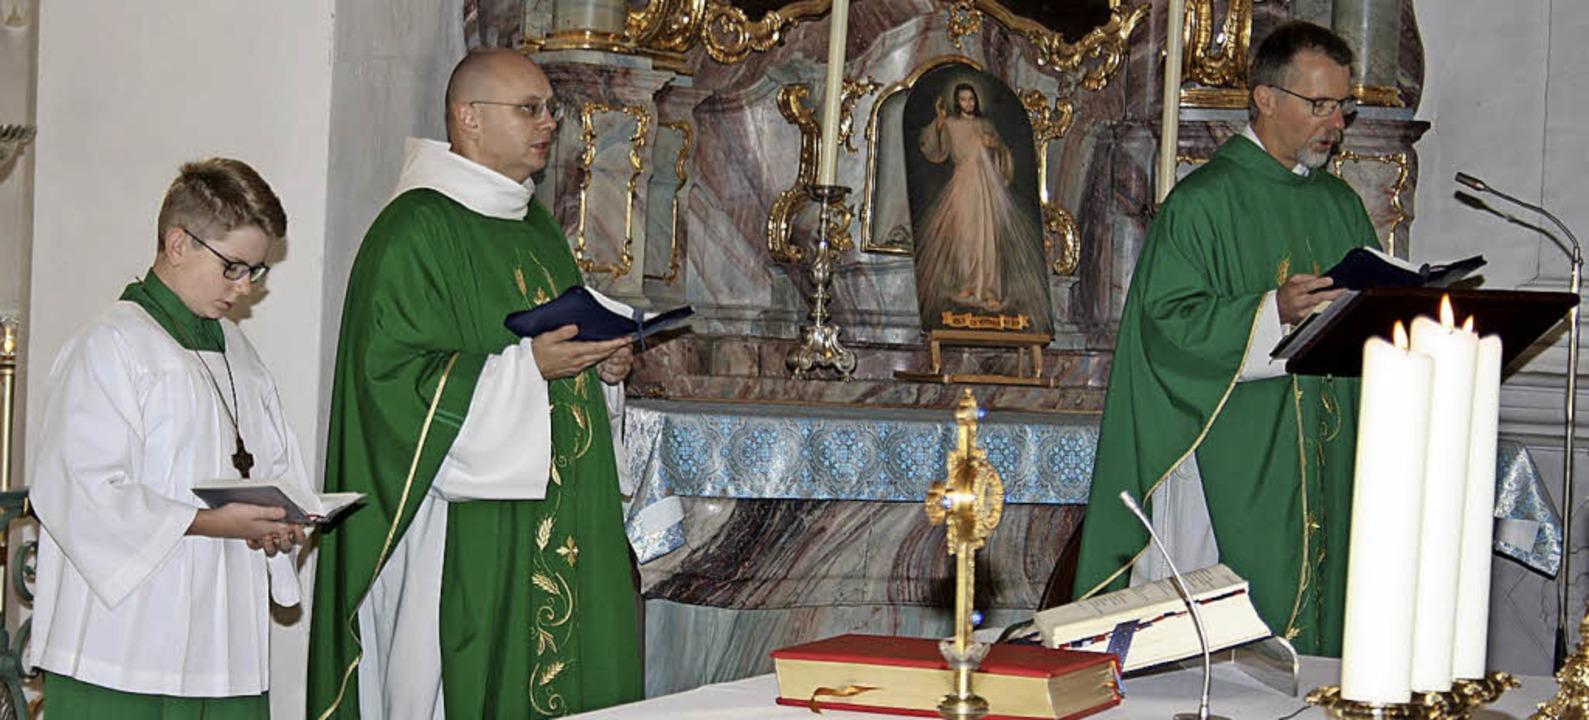 Der stellvertretende Dekan und Männers...em Gnadenbild  der Gottesmutter Maria.  | Foto: Andreas Böhm